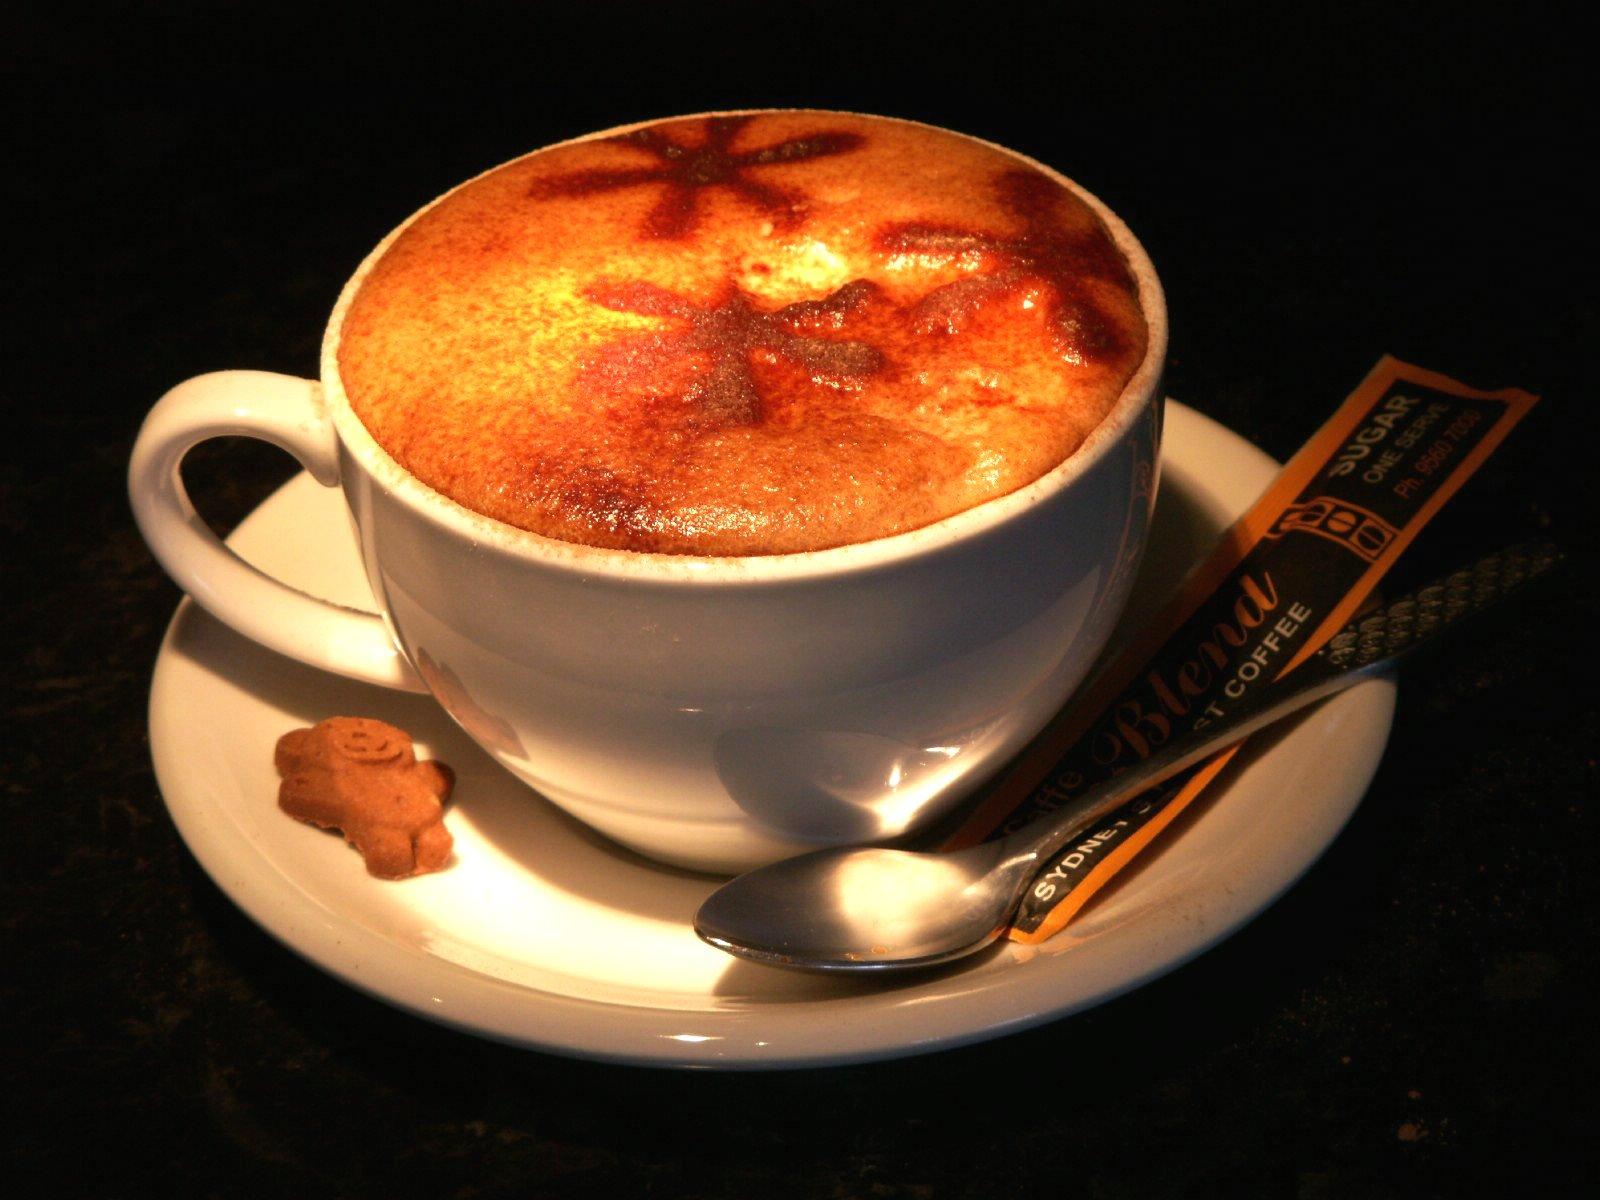 чашка кофе на черном фоне, скачать фото, обои для рабочего стола, клипарт